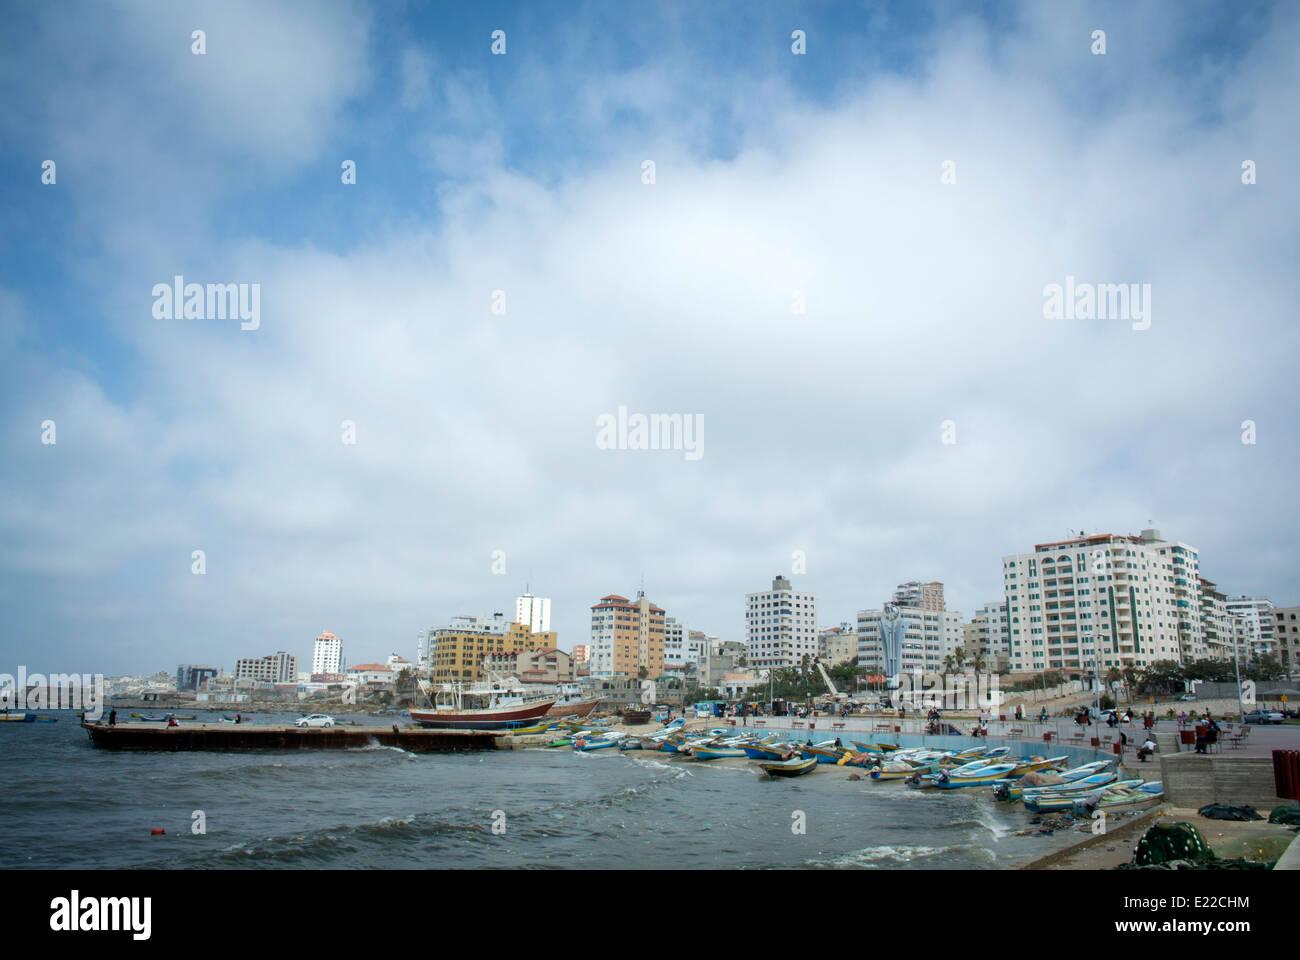 The Port in Gaza City, Gaza Strip, Palestine. - Stock Image